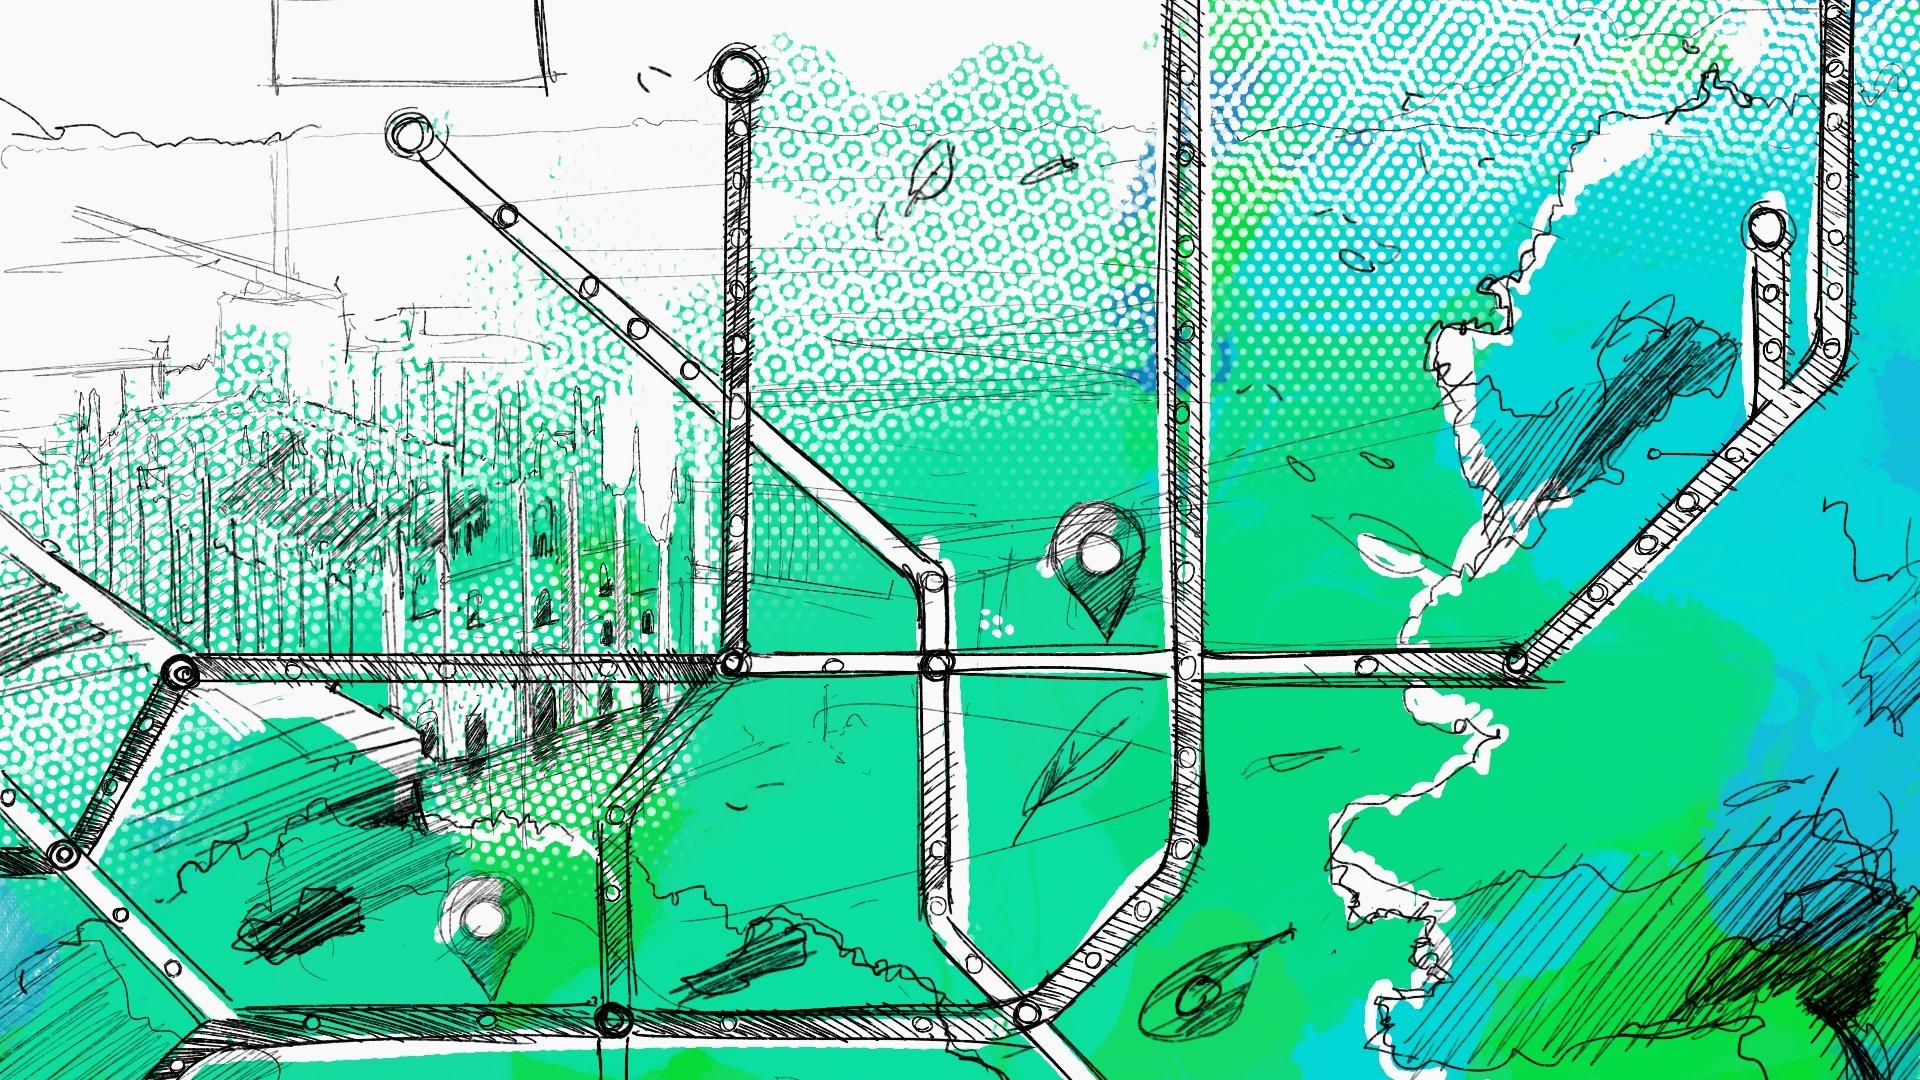 Pochi fondi a mobilità green e a tutela delle biodiversità